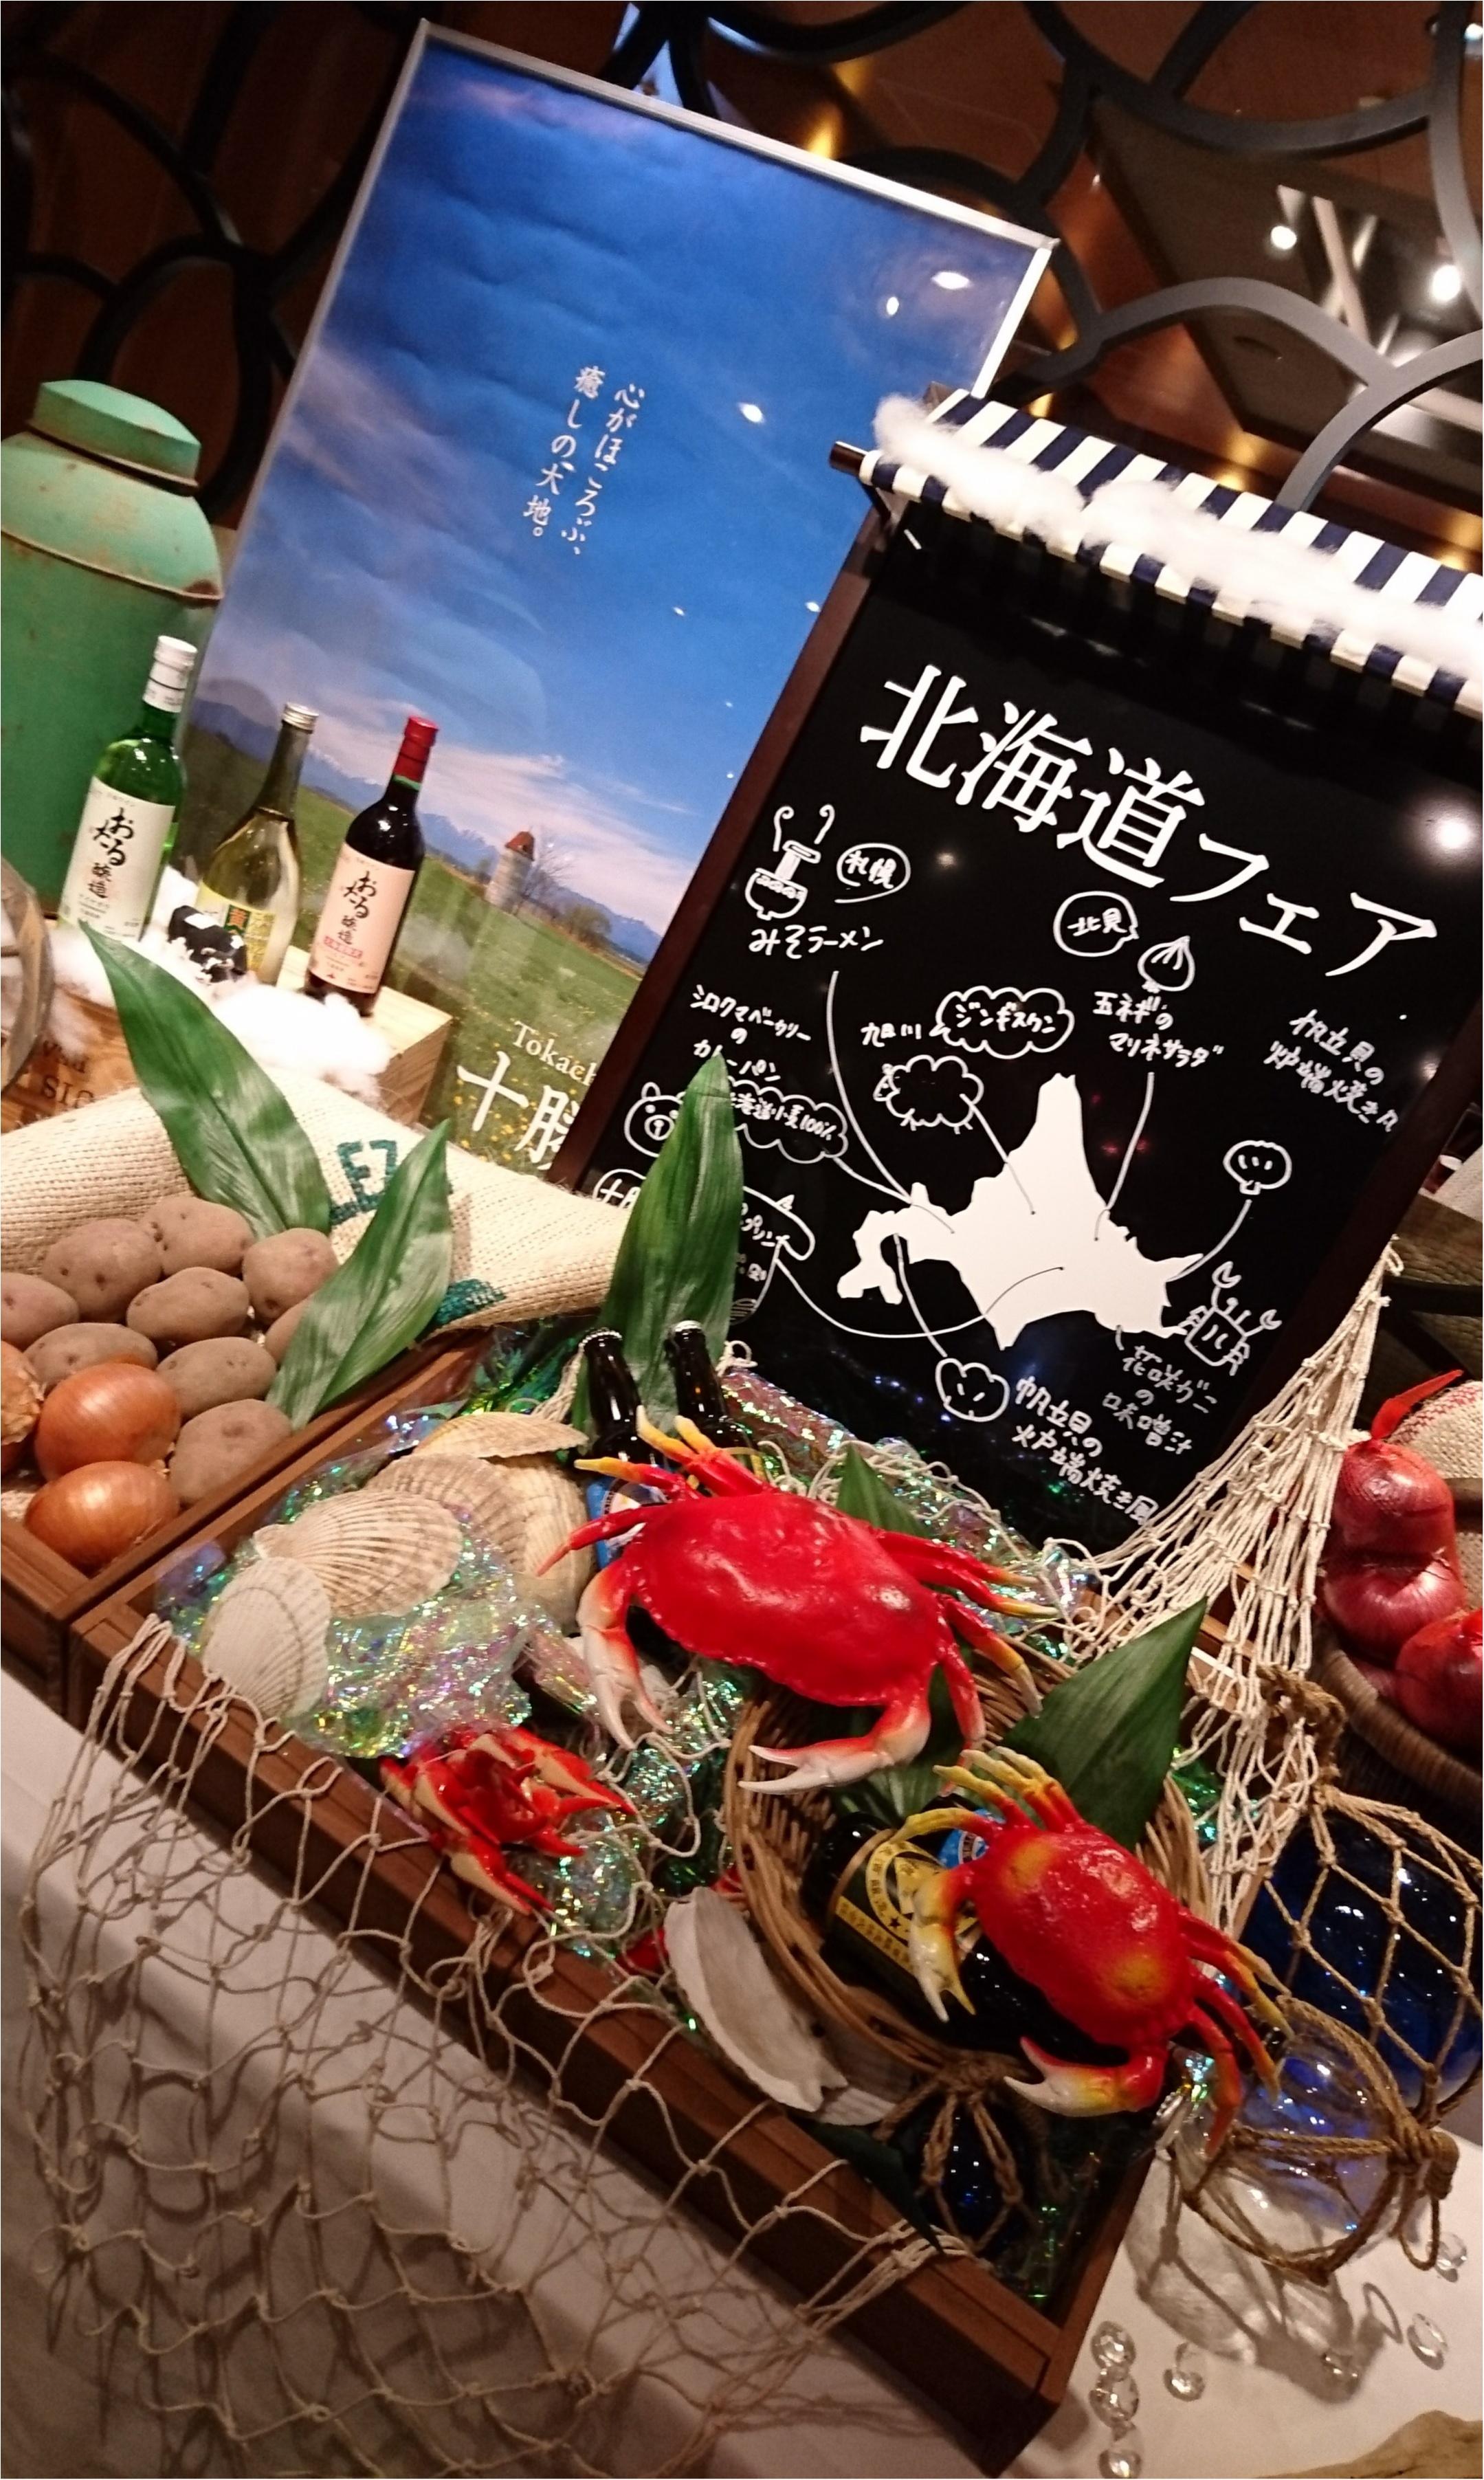 【ランチビュッフェ】おいしいものがたくさんの北海道フェアで大満足(〃ω〃)!_1